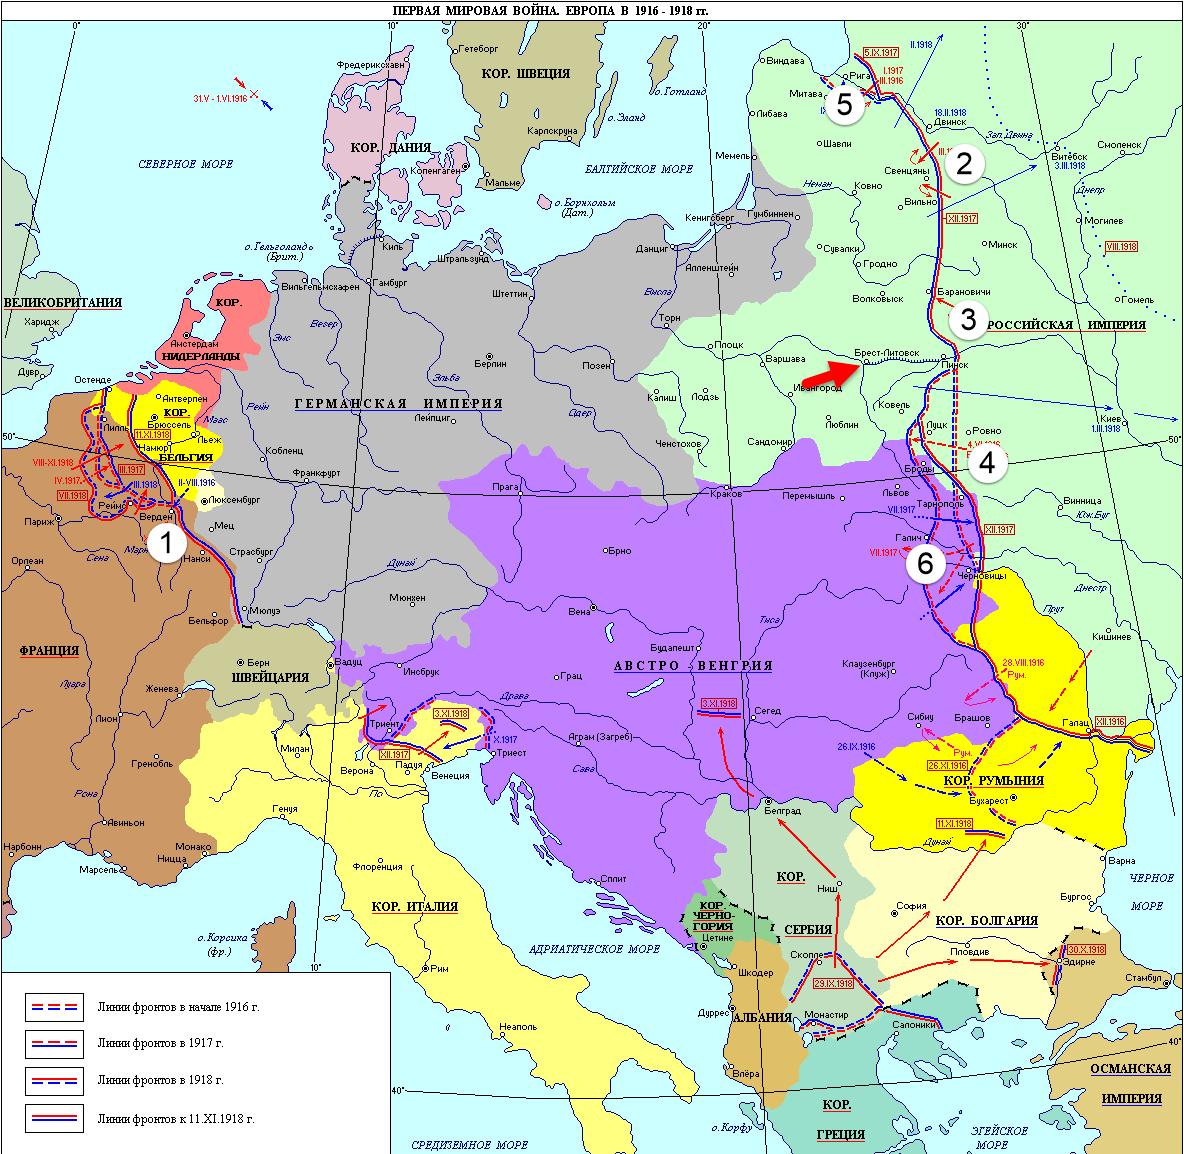 Карта, 1916-1918